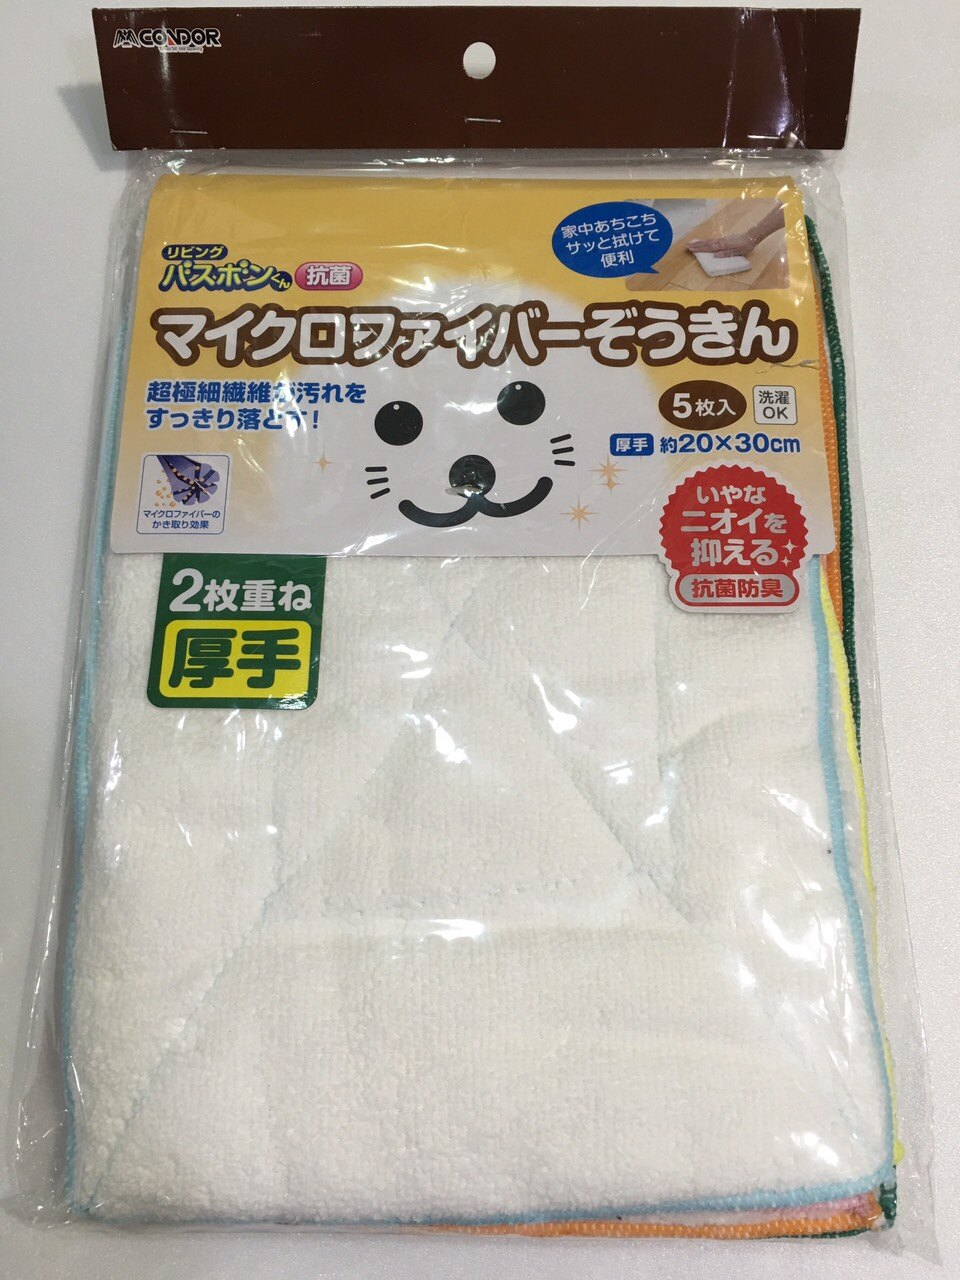 日本小海豹抗菌極細纖維抹布 5入(包)